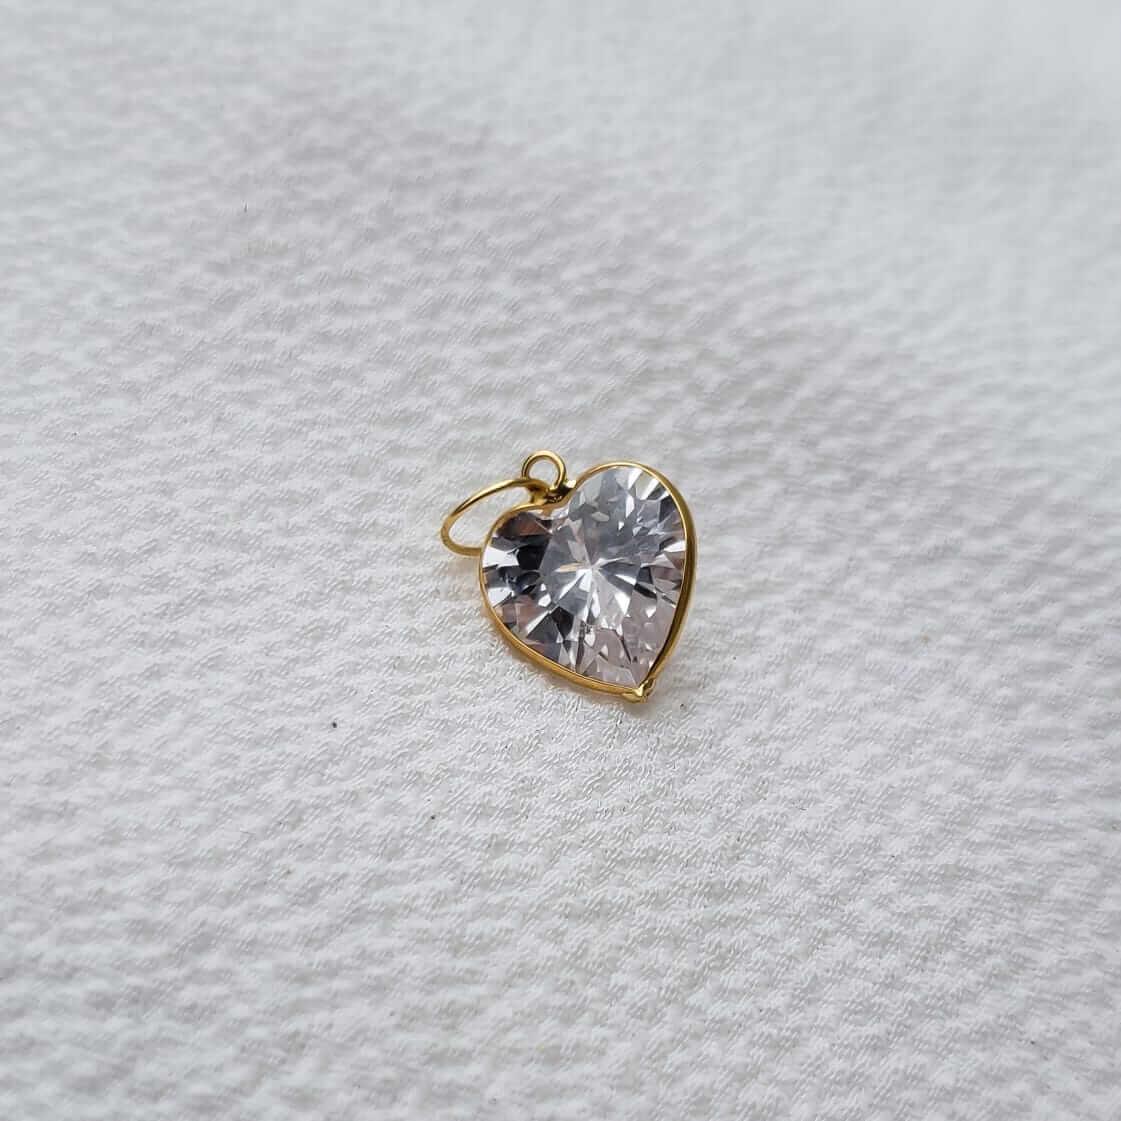 Pingente Coração Cristal em Ouro 18K